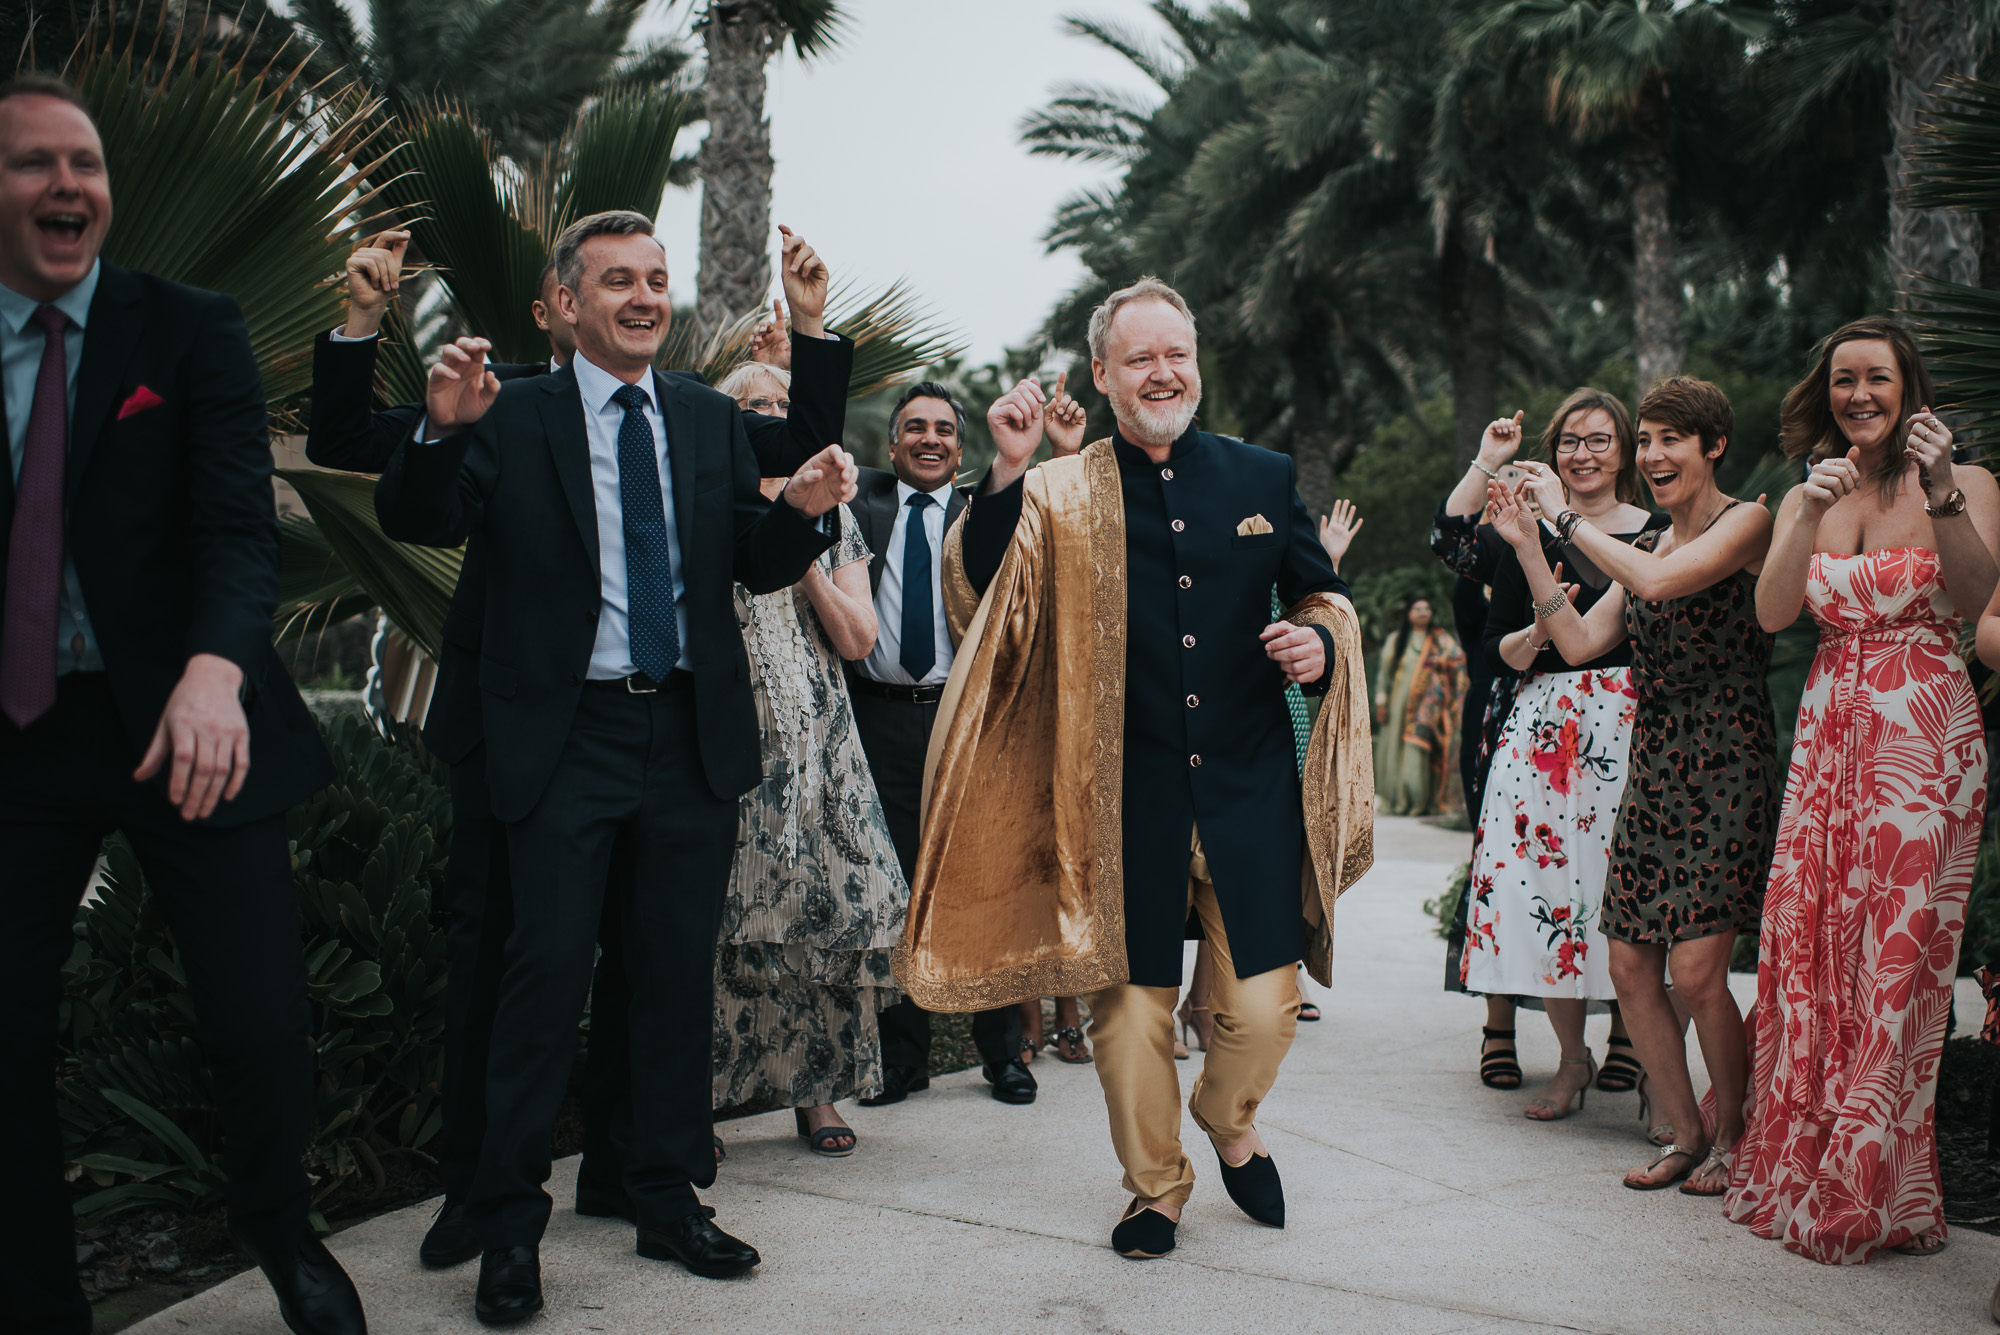 madinat jumeirah dubai wedding photographer  destination wedding photography (8 of 52).jpg